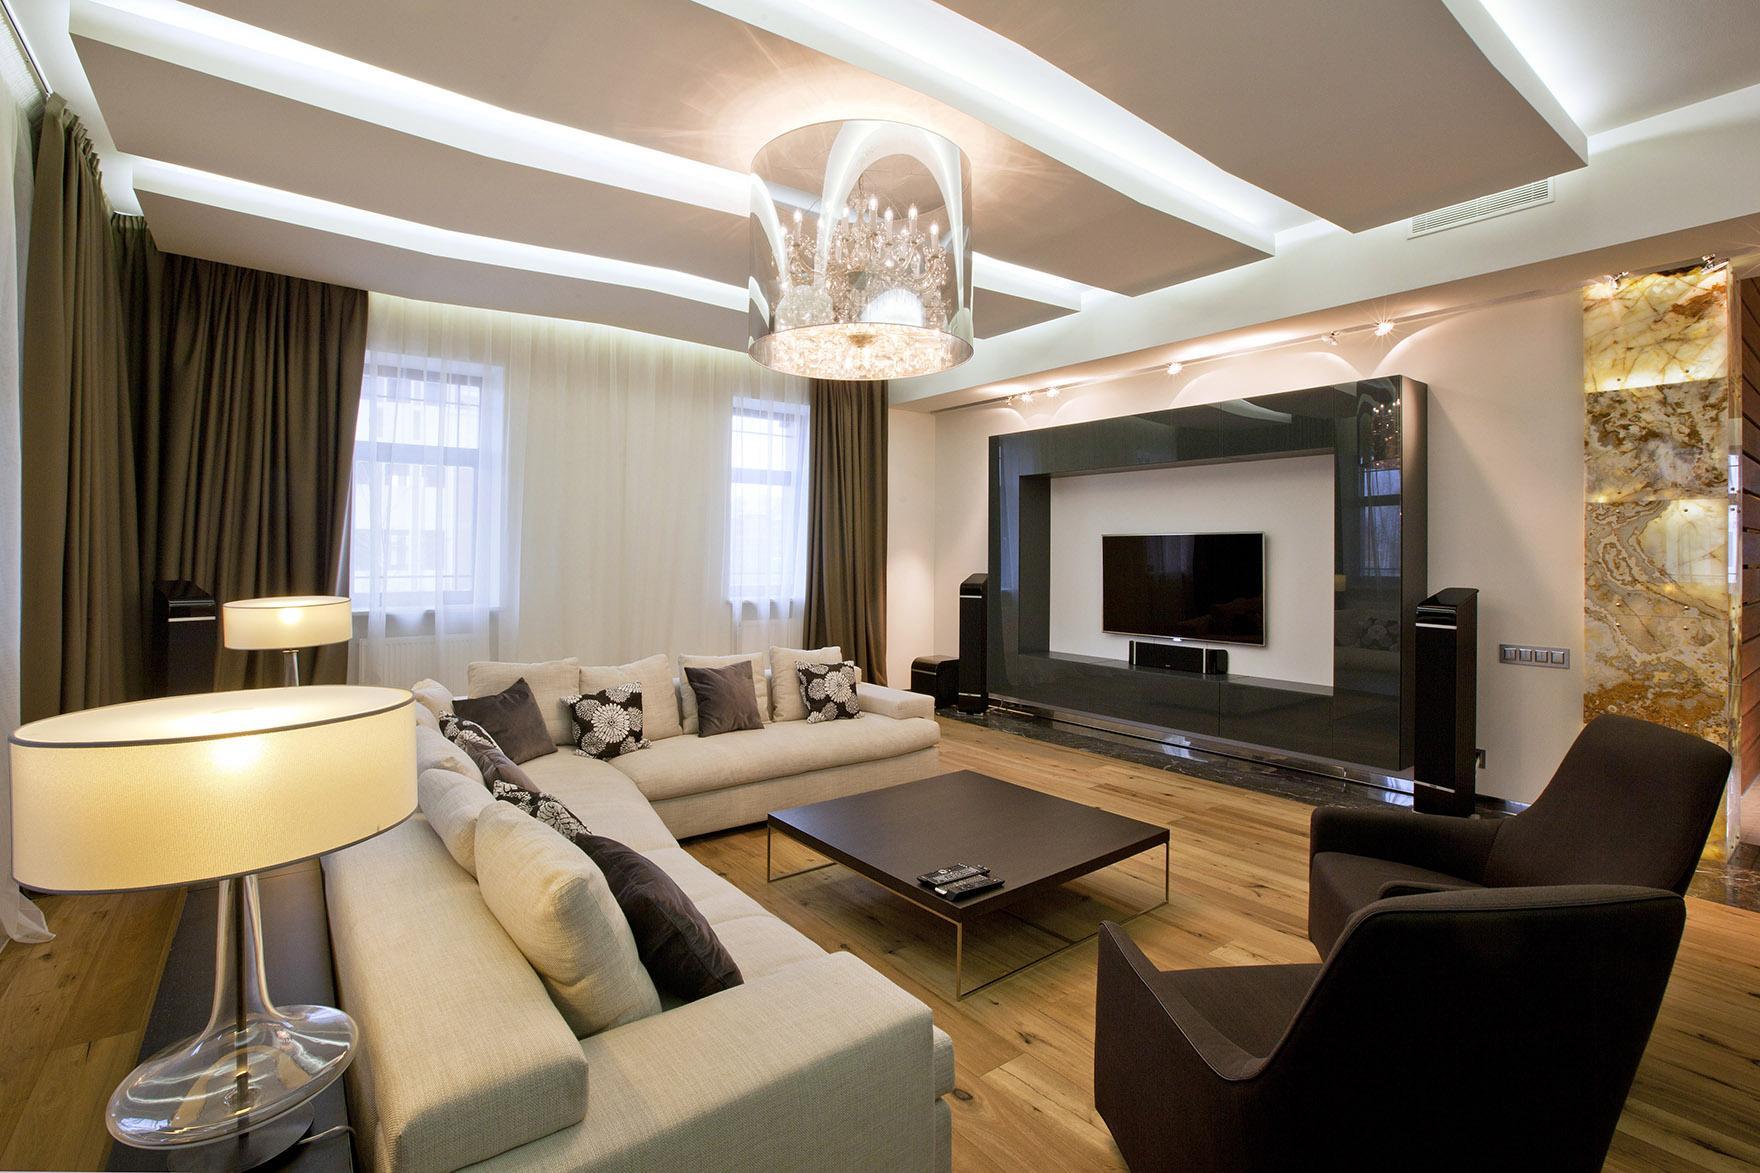 Качественный ремонт маленьких квартир от 3000 руб./м2